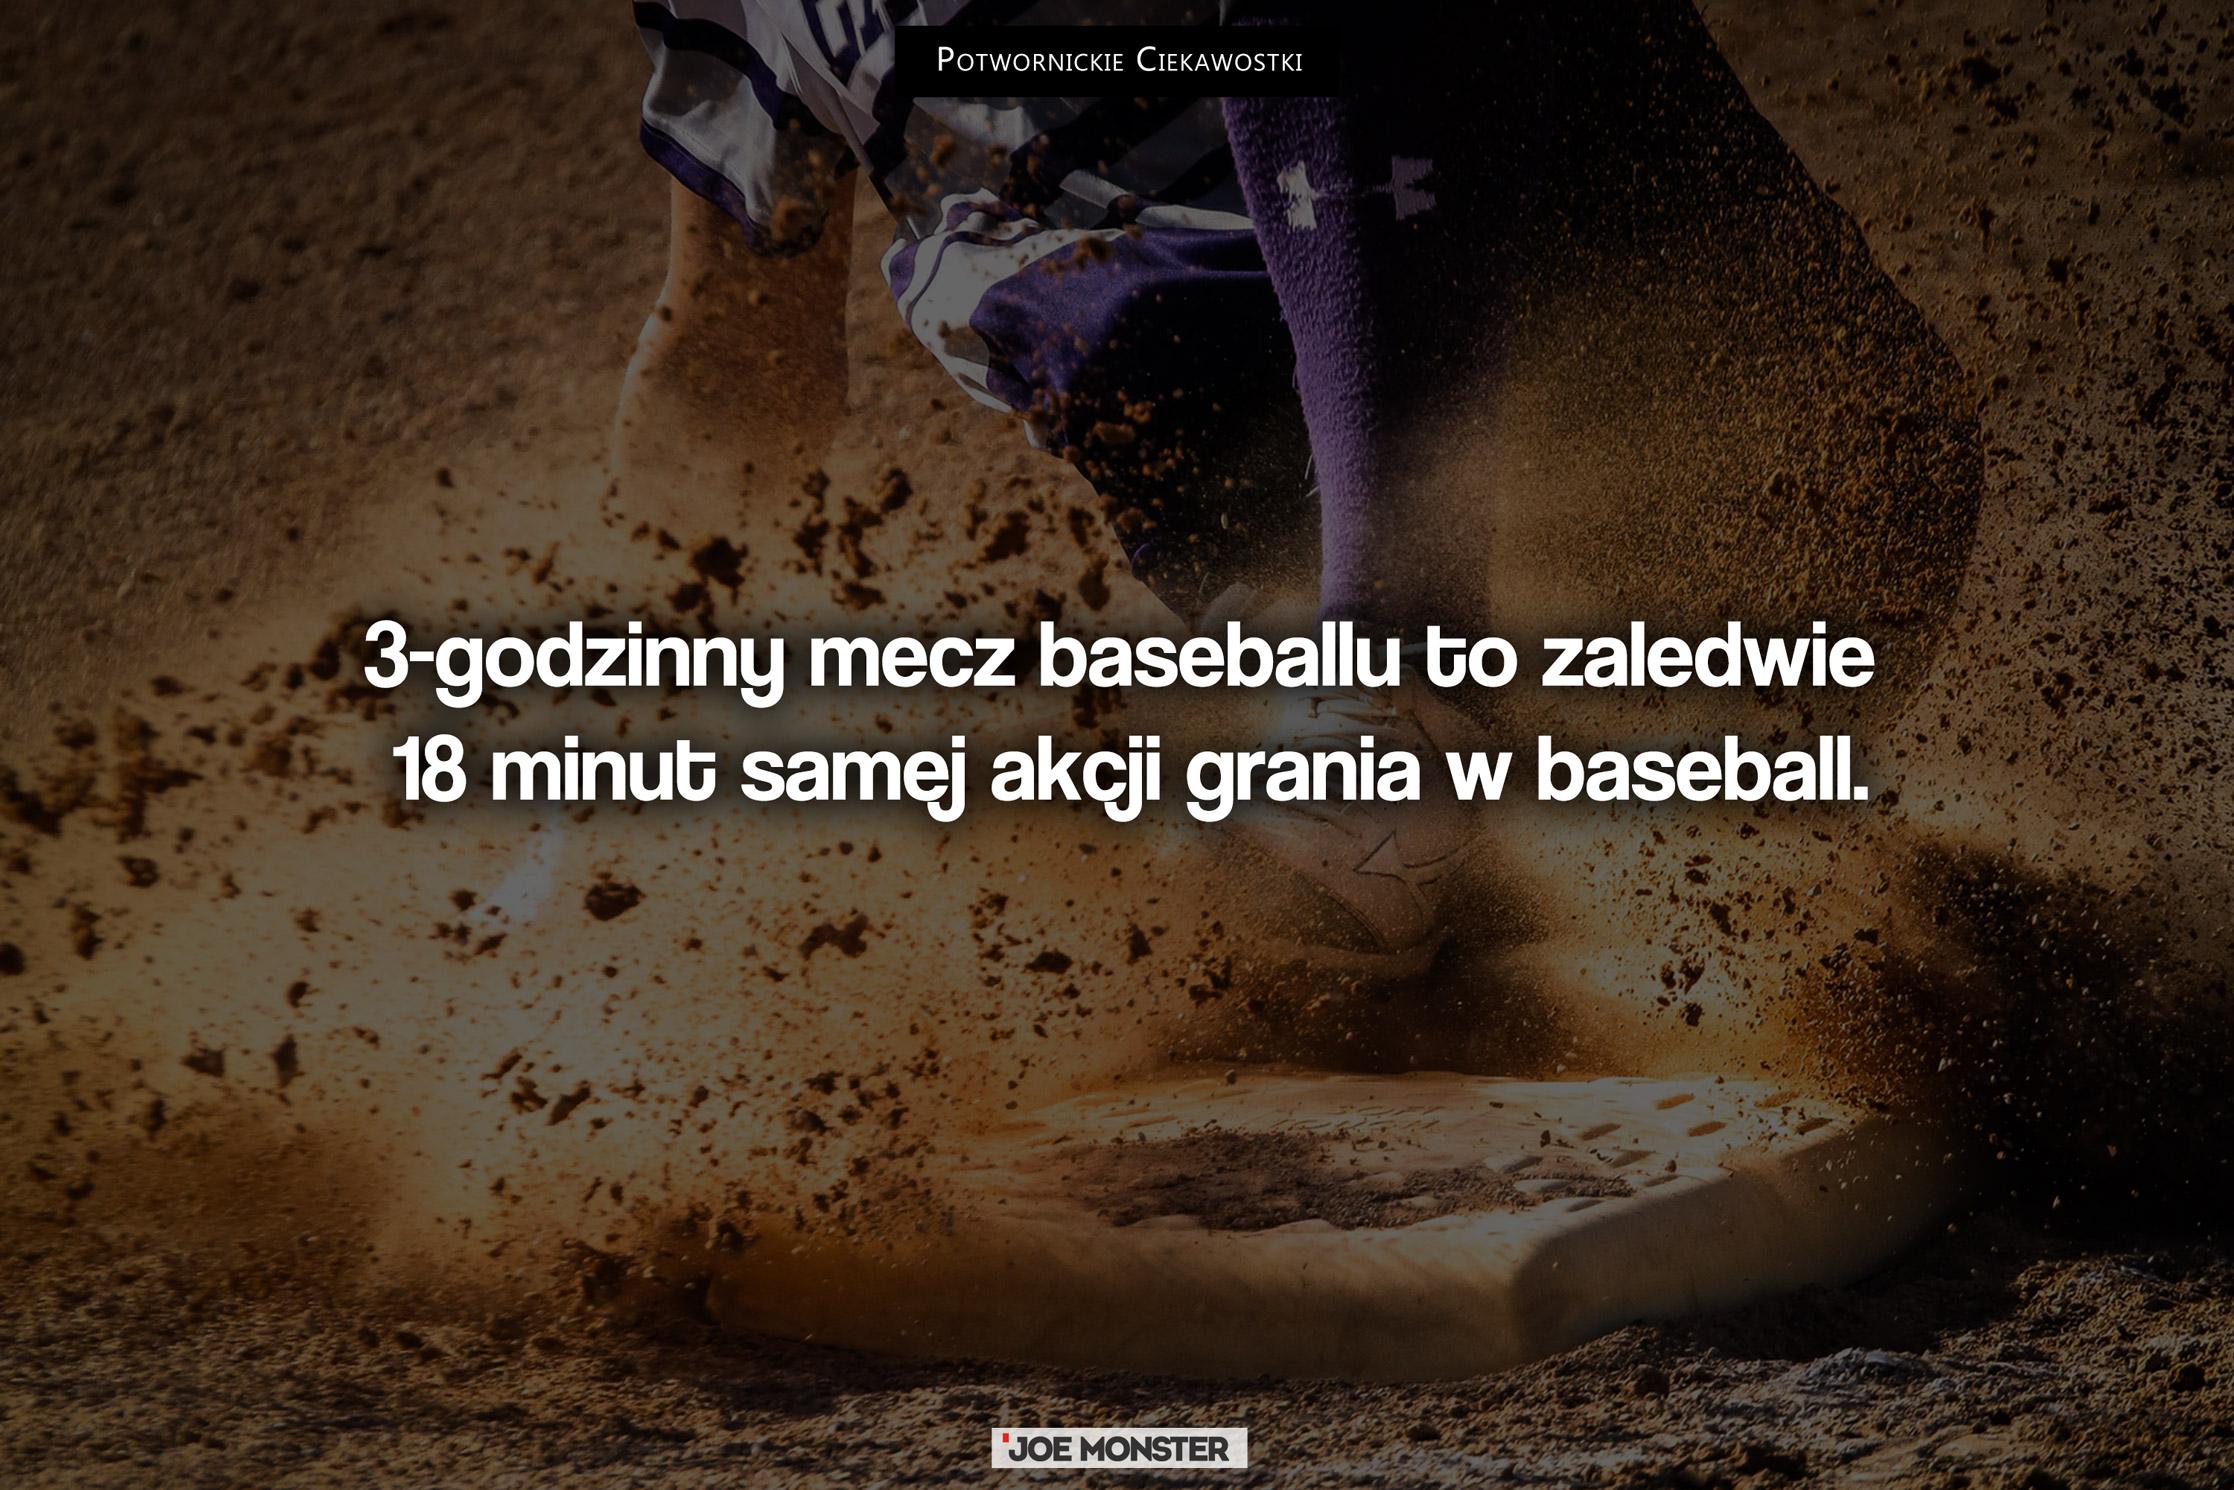 3-godzinny mecz baseballu to zaledwie 18 minut samej akcji w trakcie gry w baseball.